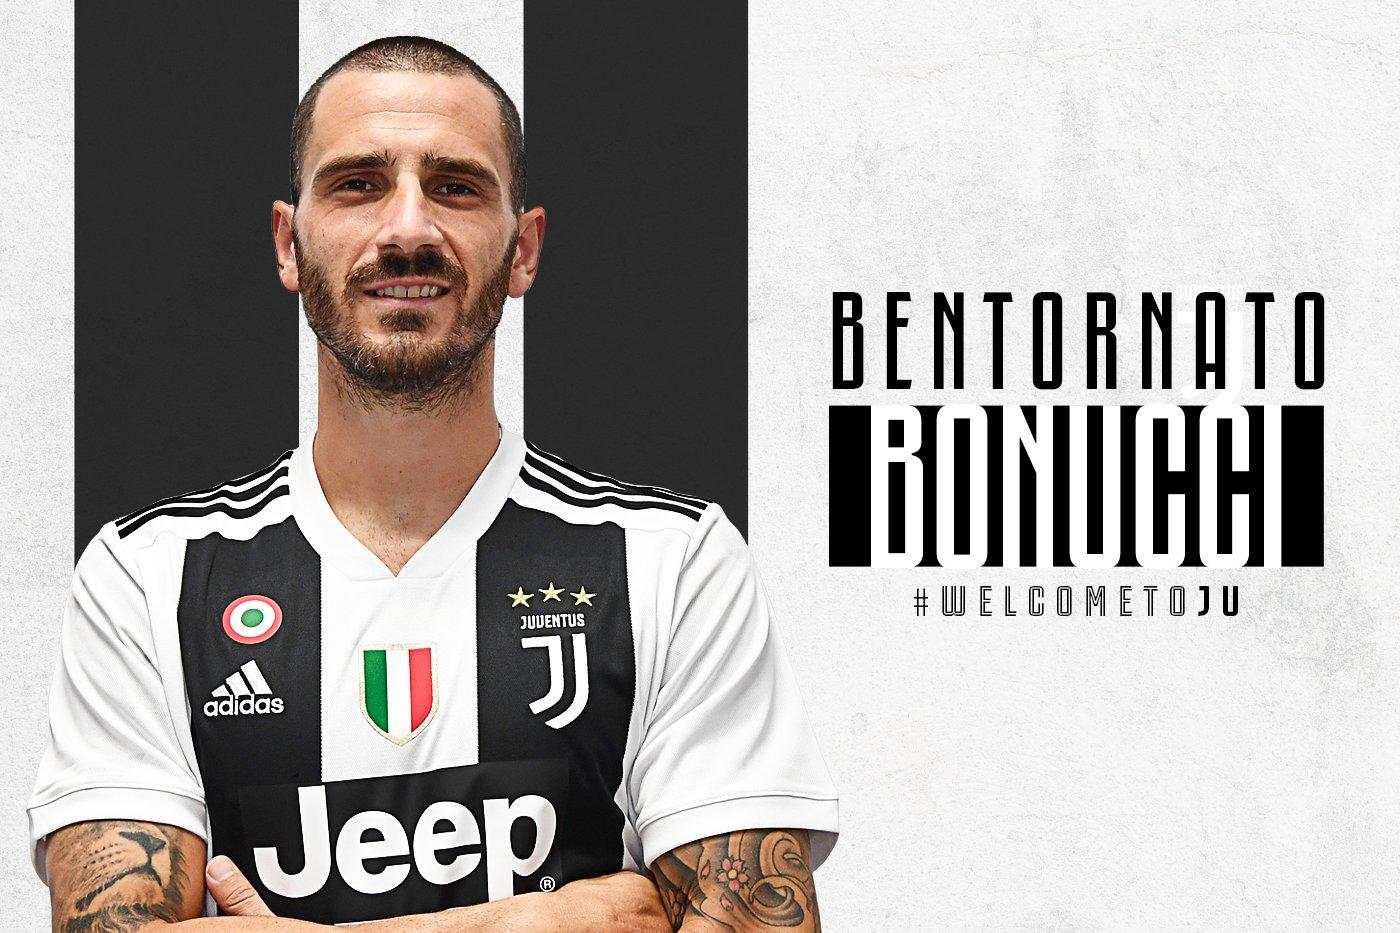 Bonucci Rejoins Juventus From AC Milan